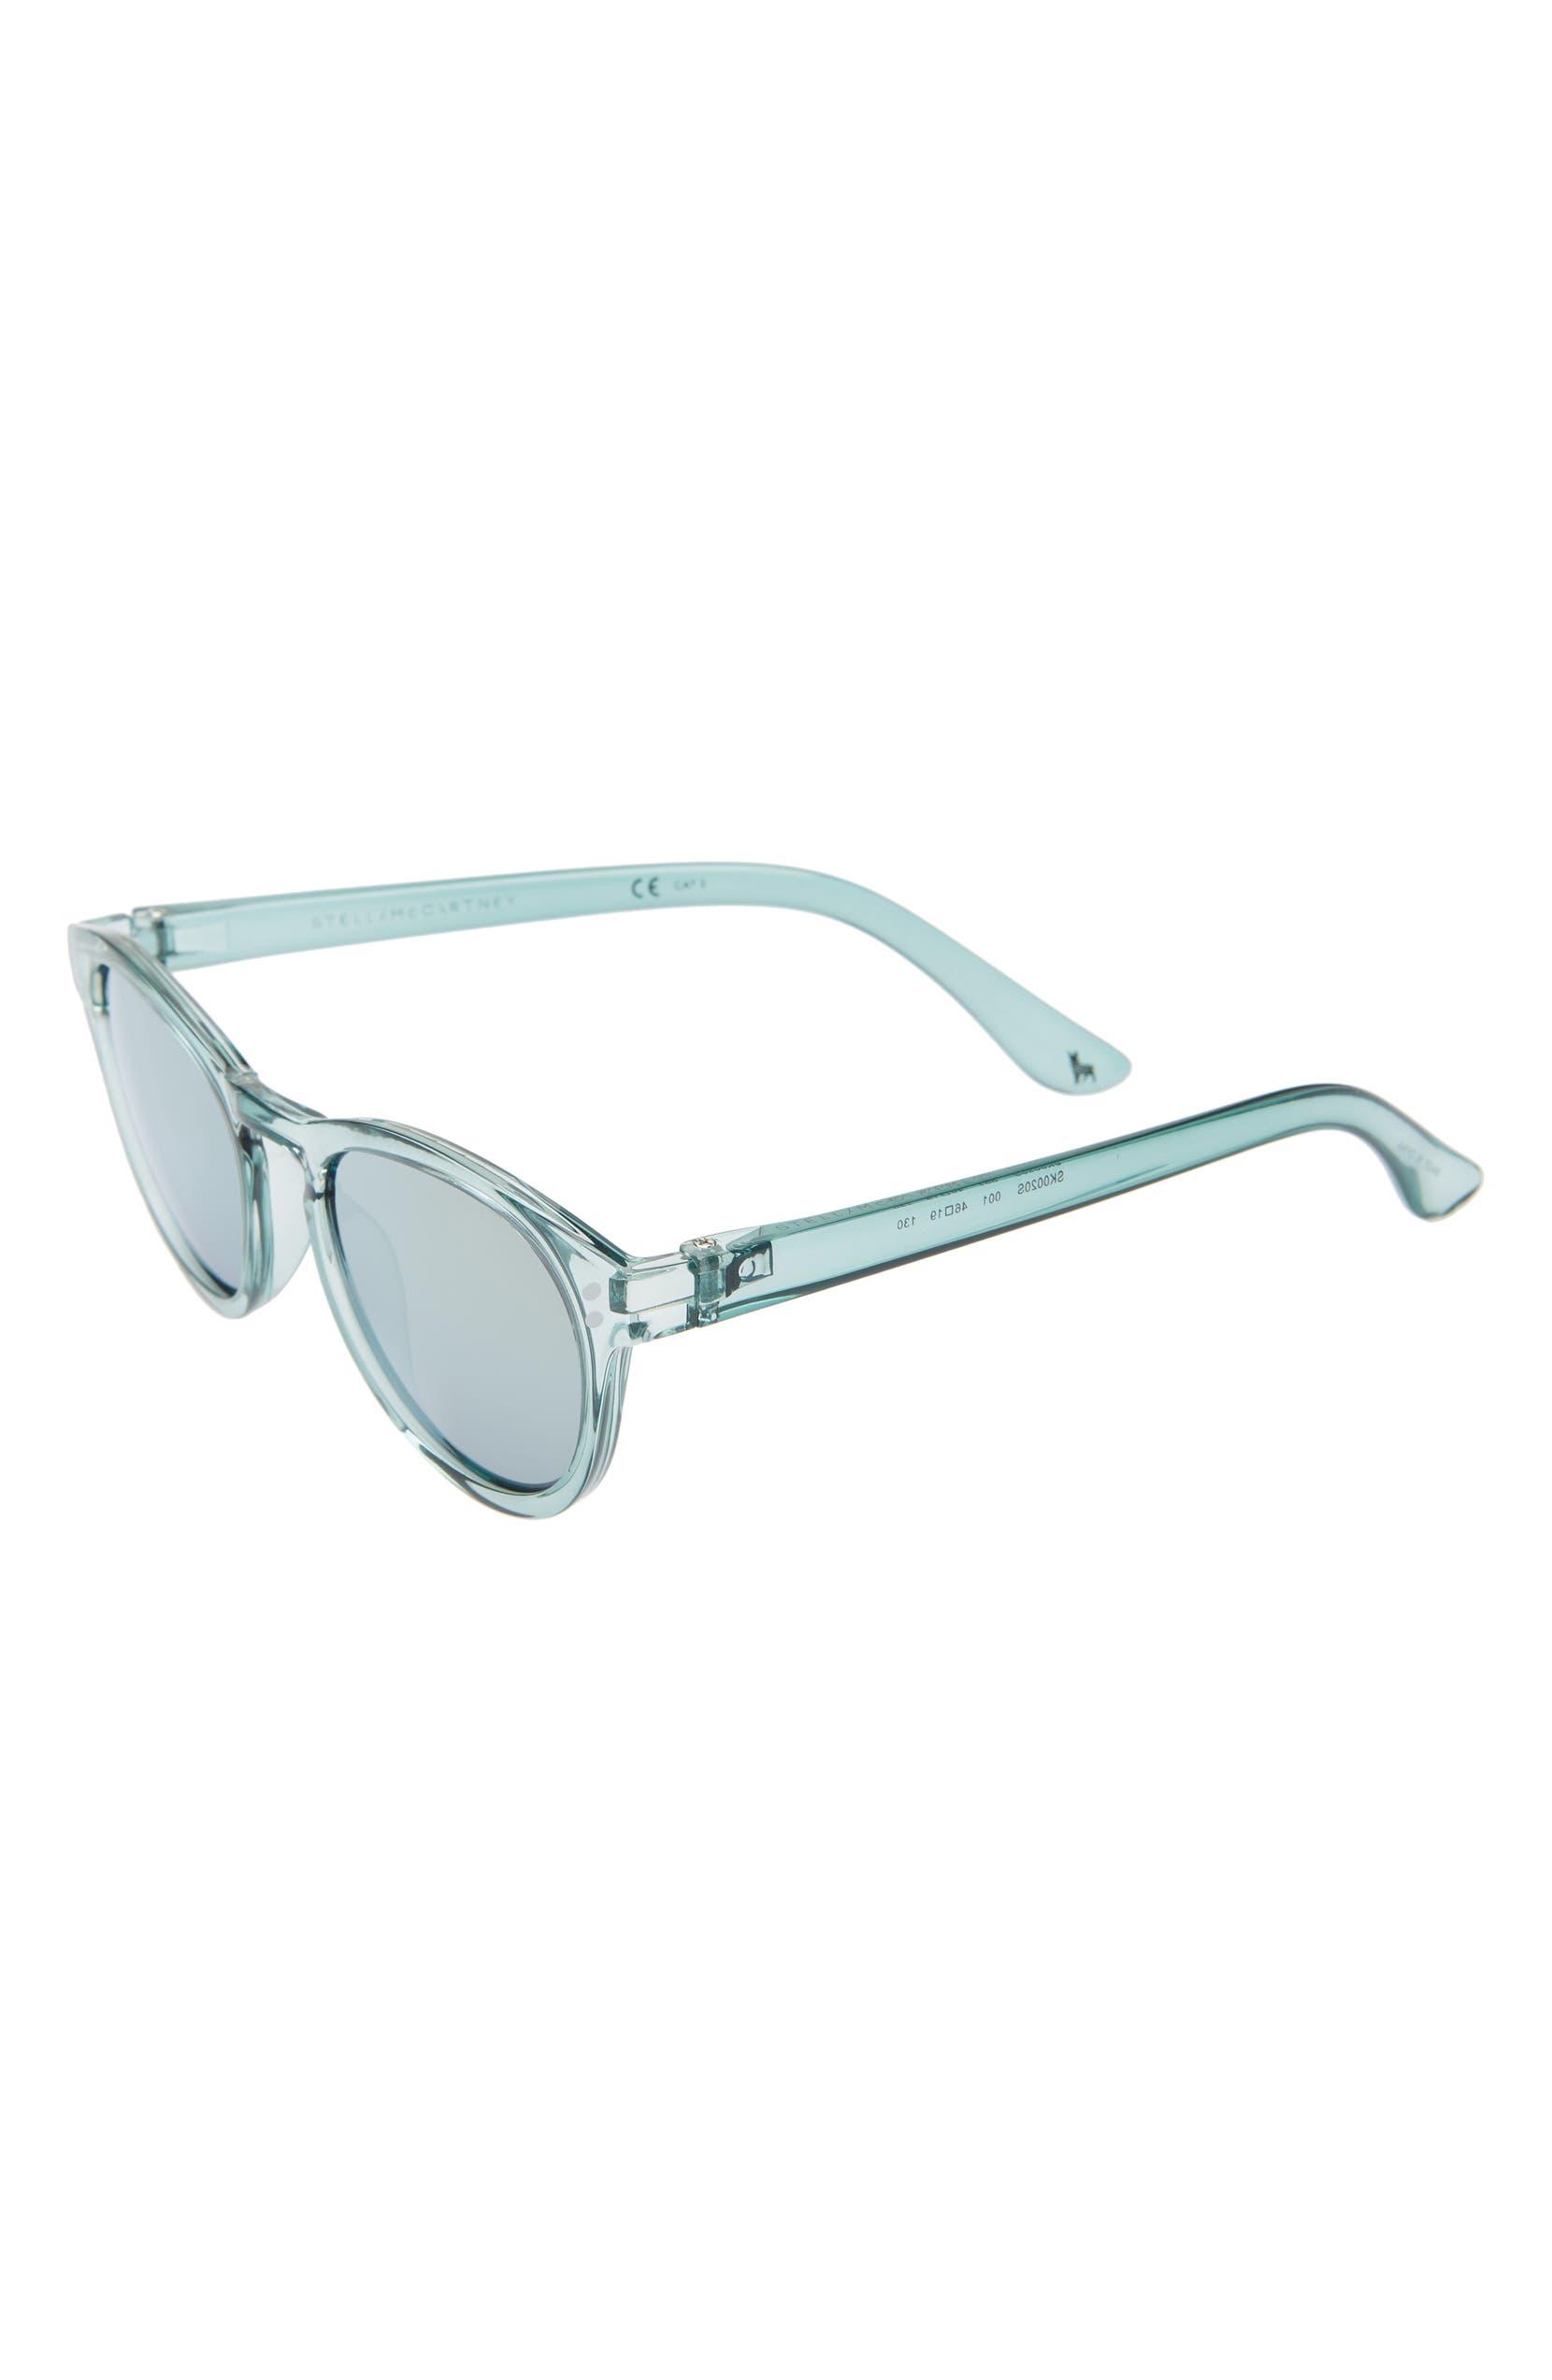 a1be0e05779 Stella McCartney Kids Round 46mm Sunglasses (Kids)